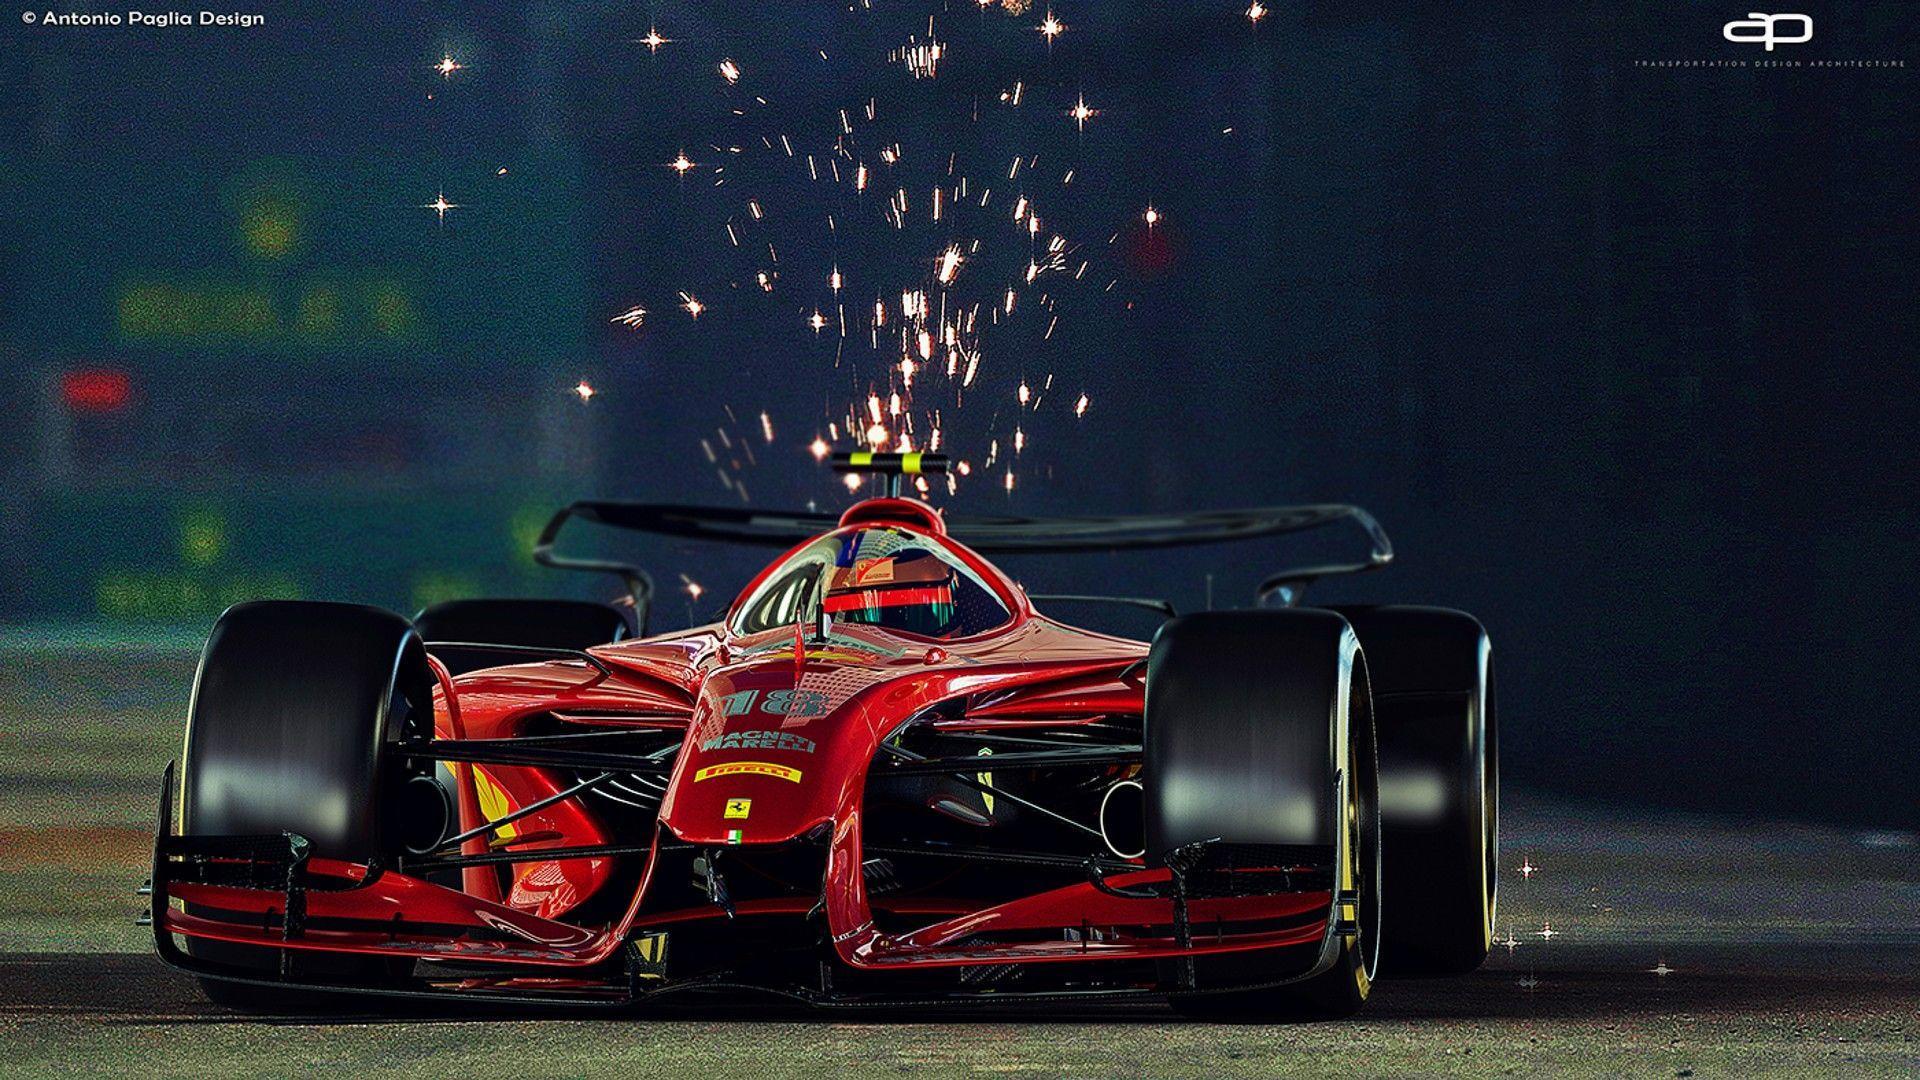 Formula 1 Vision Concept 2025   by Antonio Paglia Design   2258322 1920x1080